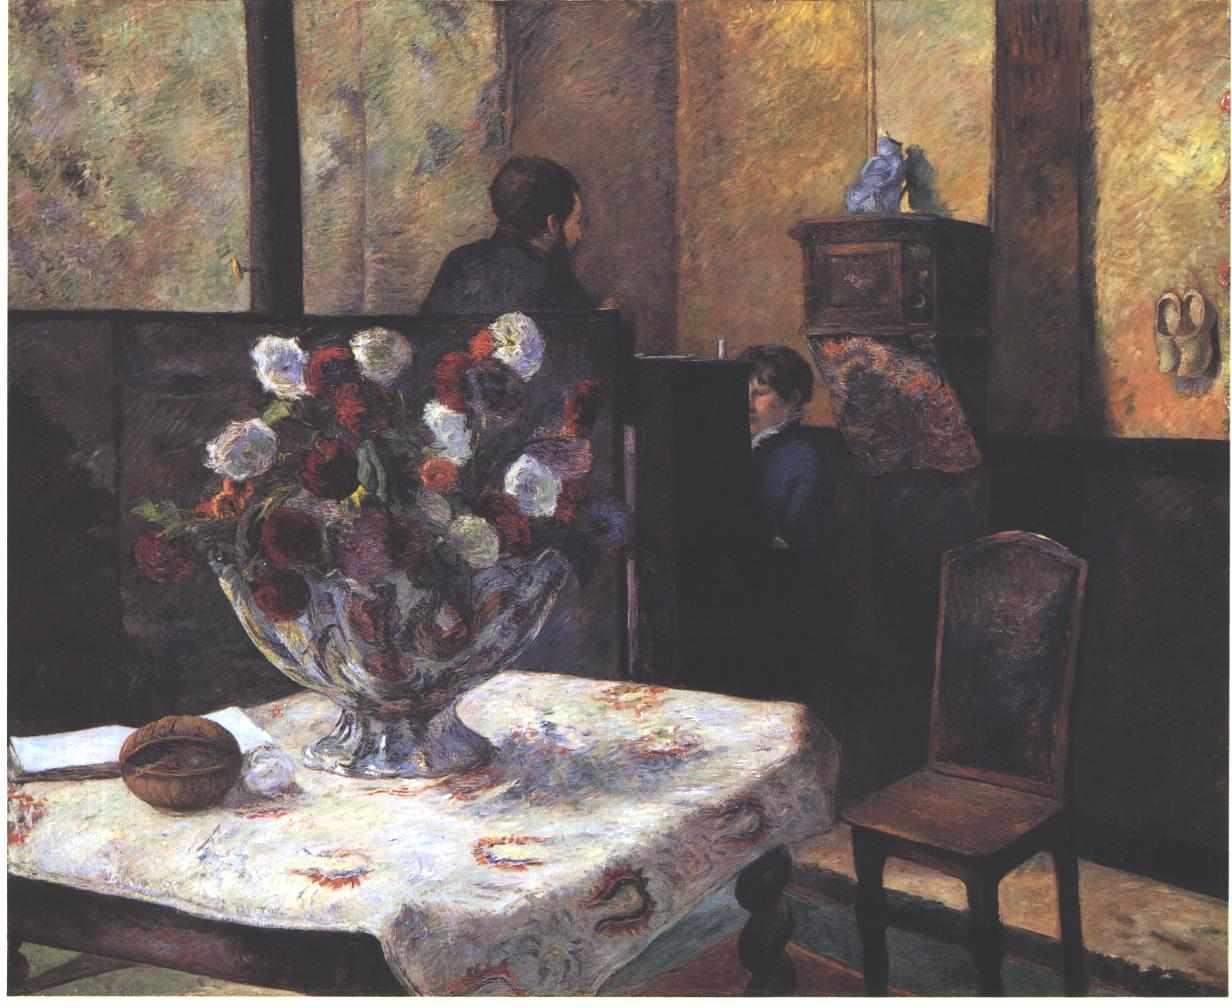 fichier paul gauguin interieur du peintre paris rue carcel 1881 jpg wikip dia. Black Bedroom Furniture Sets. Home Design Ideas